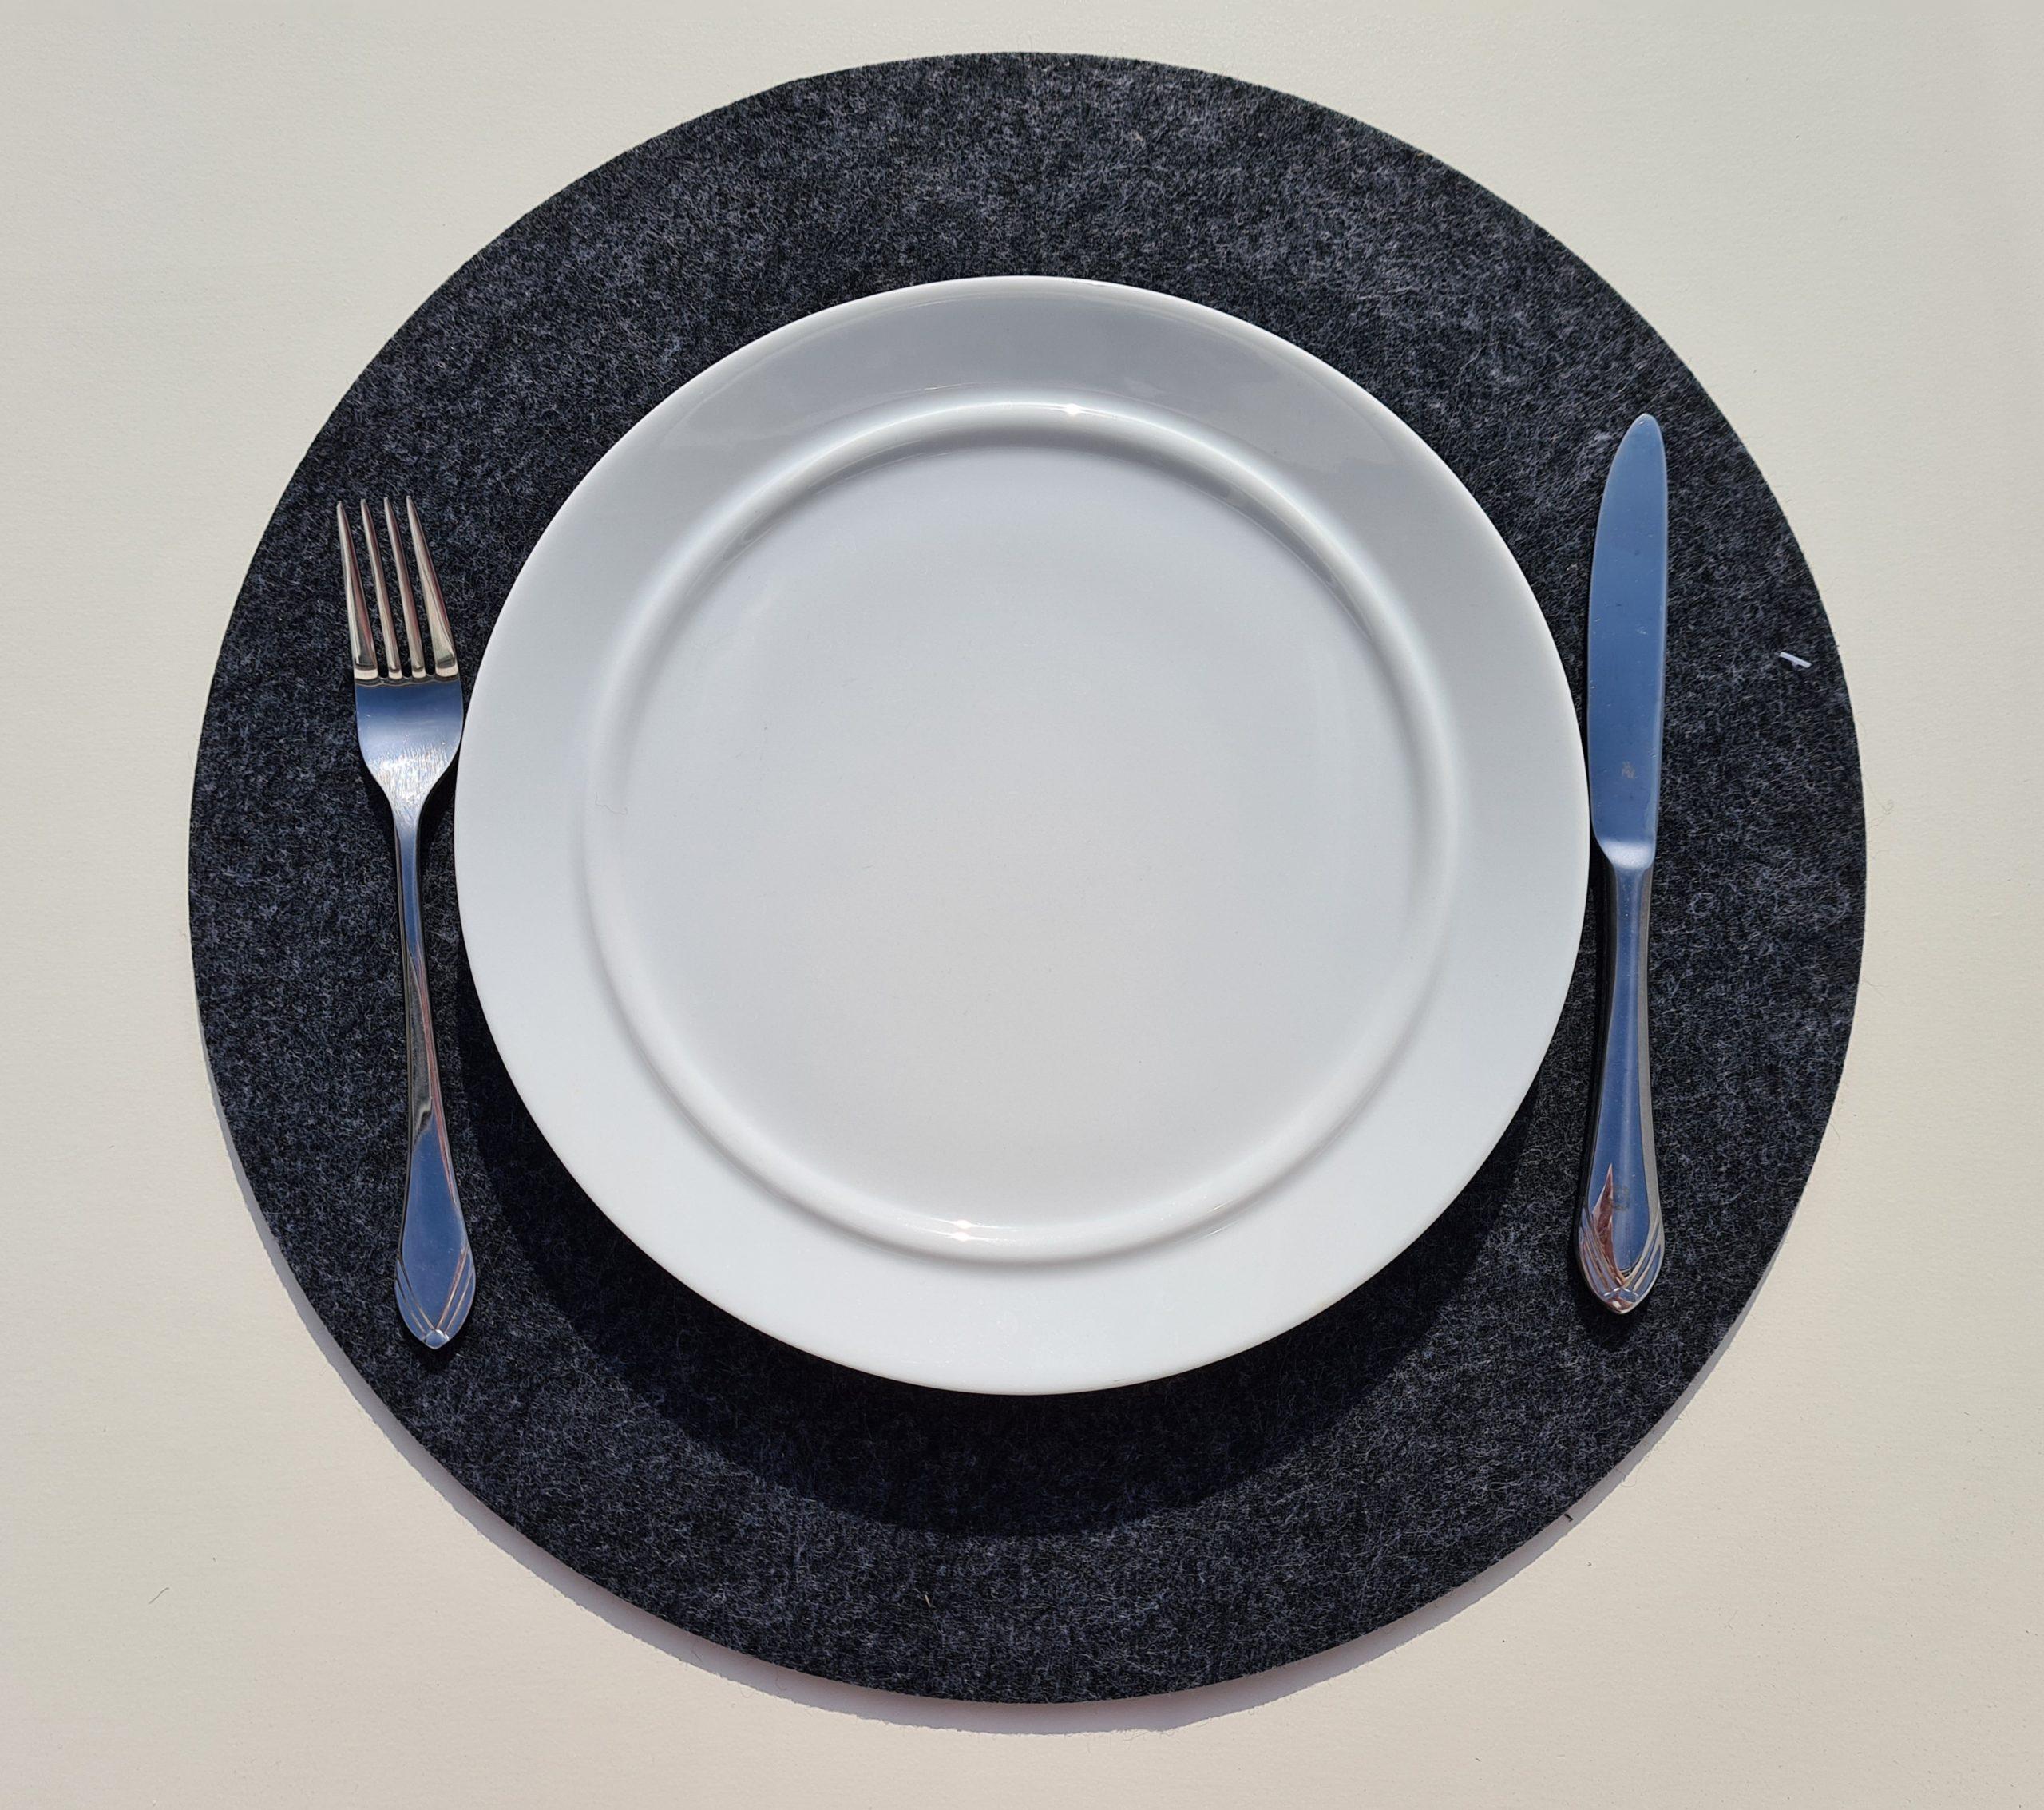 Schwarzer Filz-Untersetzter rund mit Teller und Besteck - Handgemachte individualisierbare Taschen, Körbe, Tischsets, Dekoartikel und mehr auf fideko.de der Onlineshop seit 2011